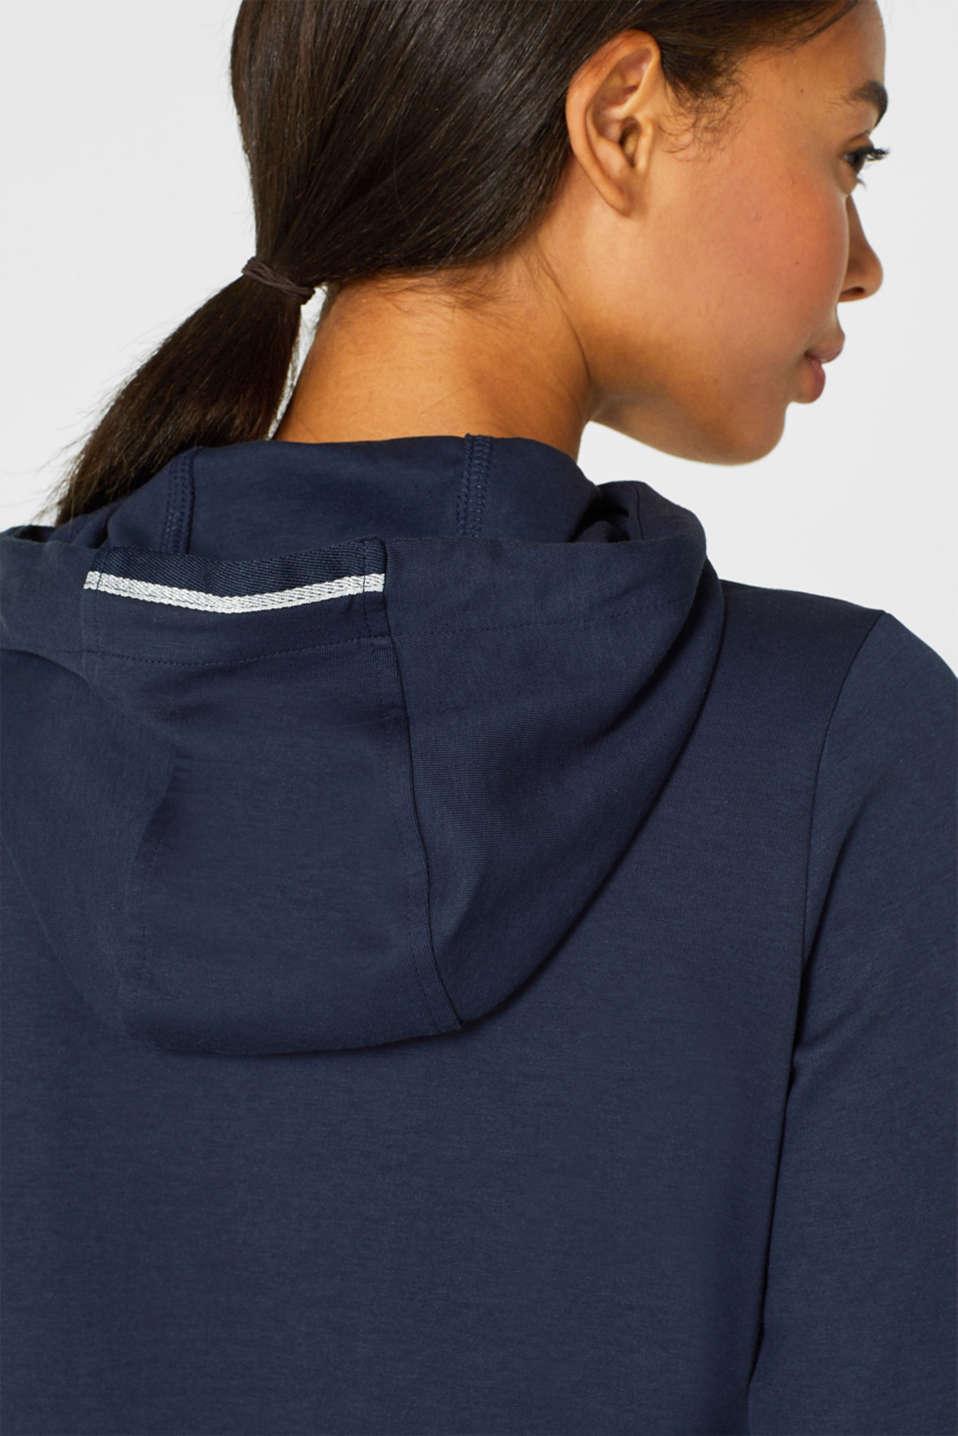 Sweatshirts cardigan, NAVY, detail image number 2